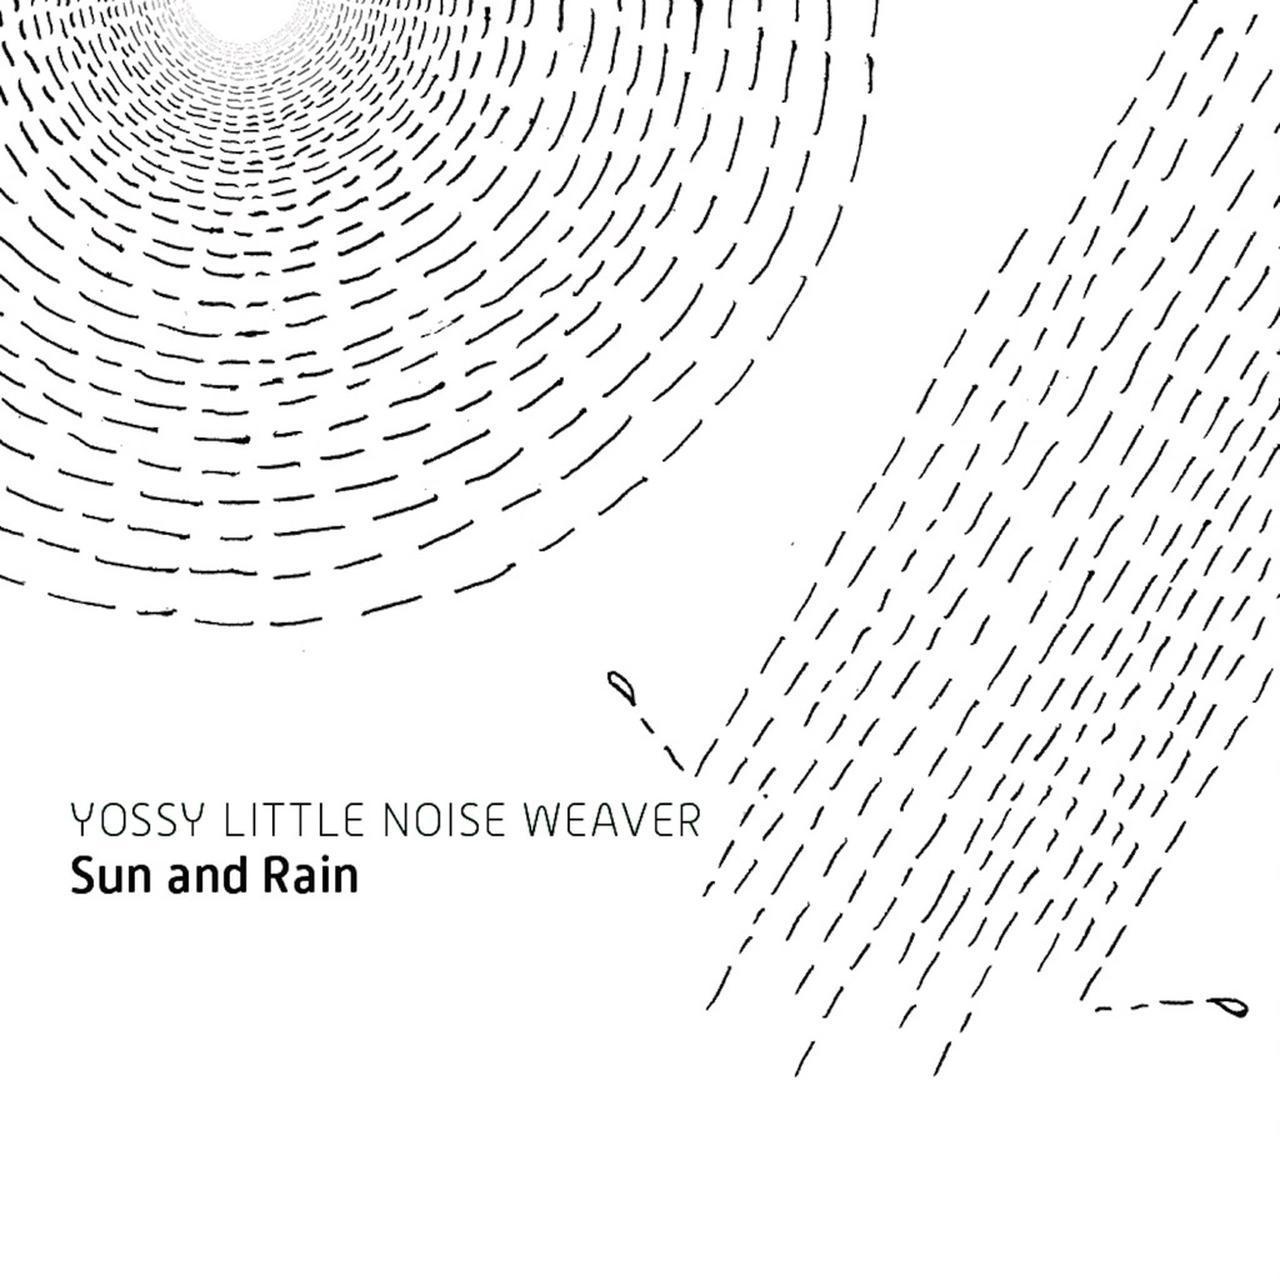 画像: Sun and Rain / YOSSY LITTLE NOISE WEAVER